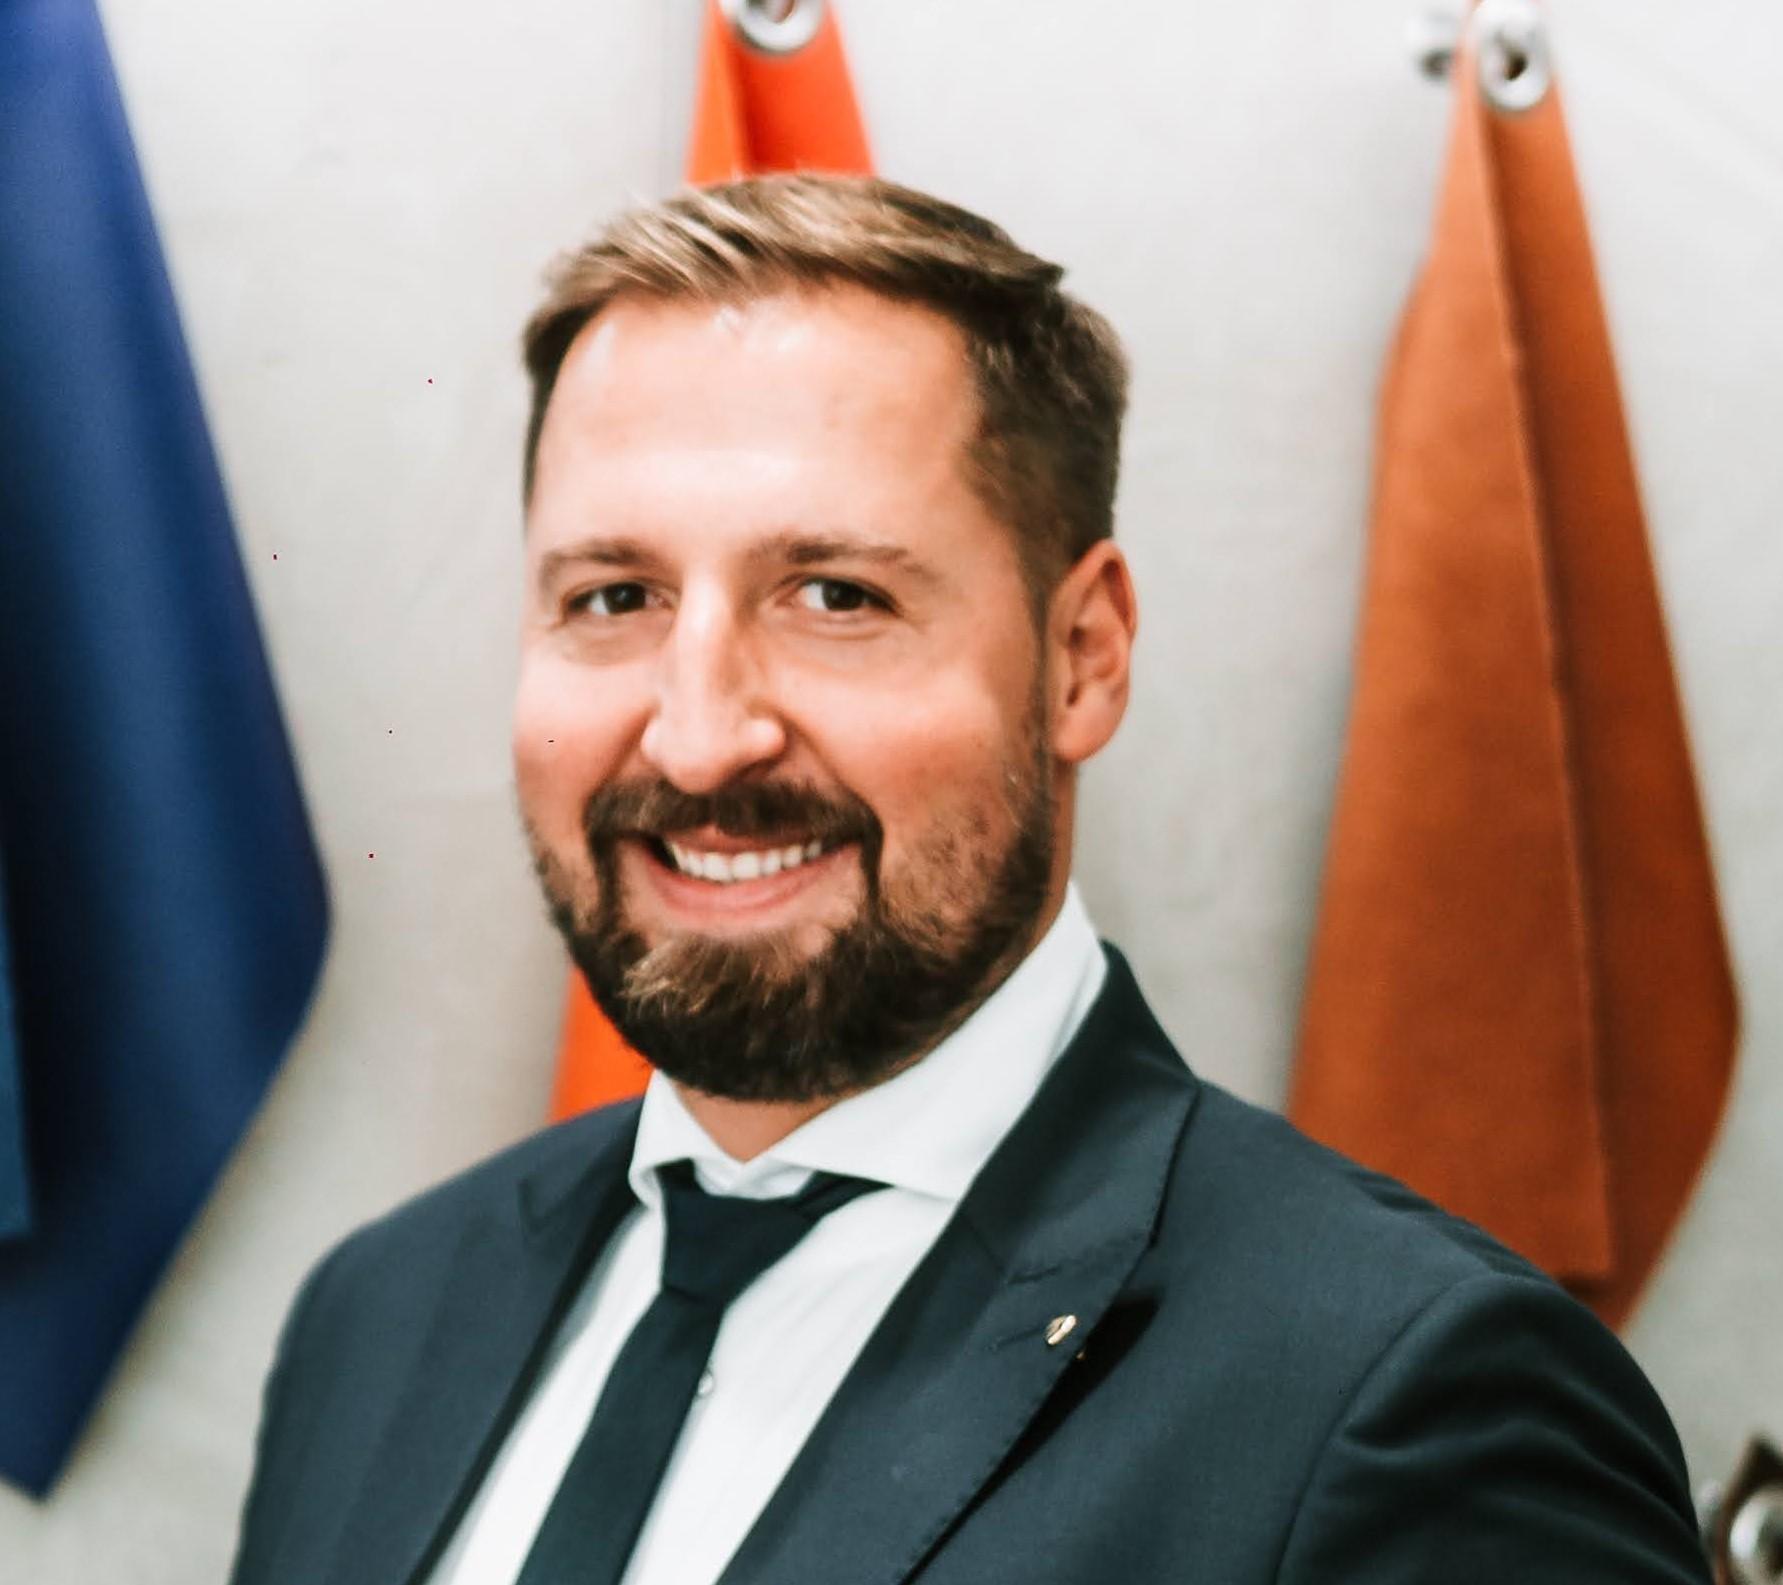 Paweł Ciołkiewicz